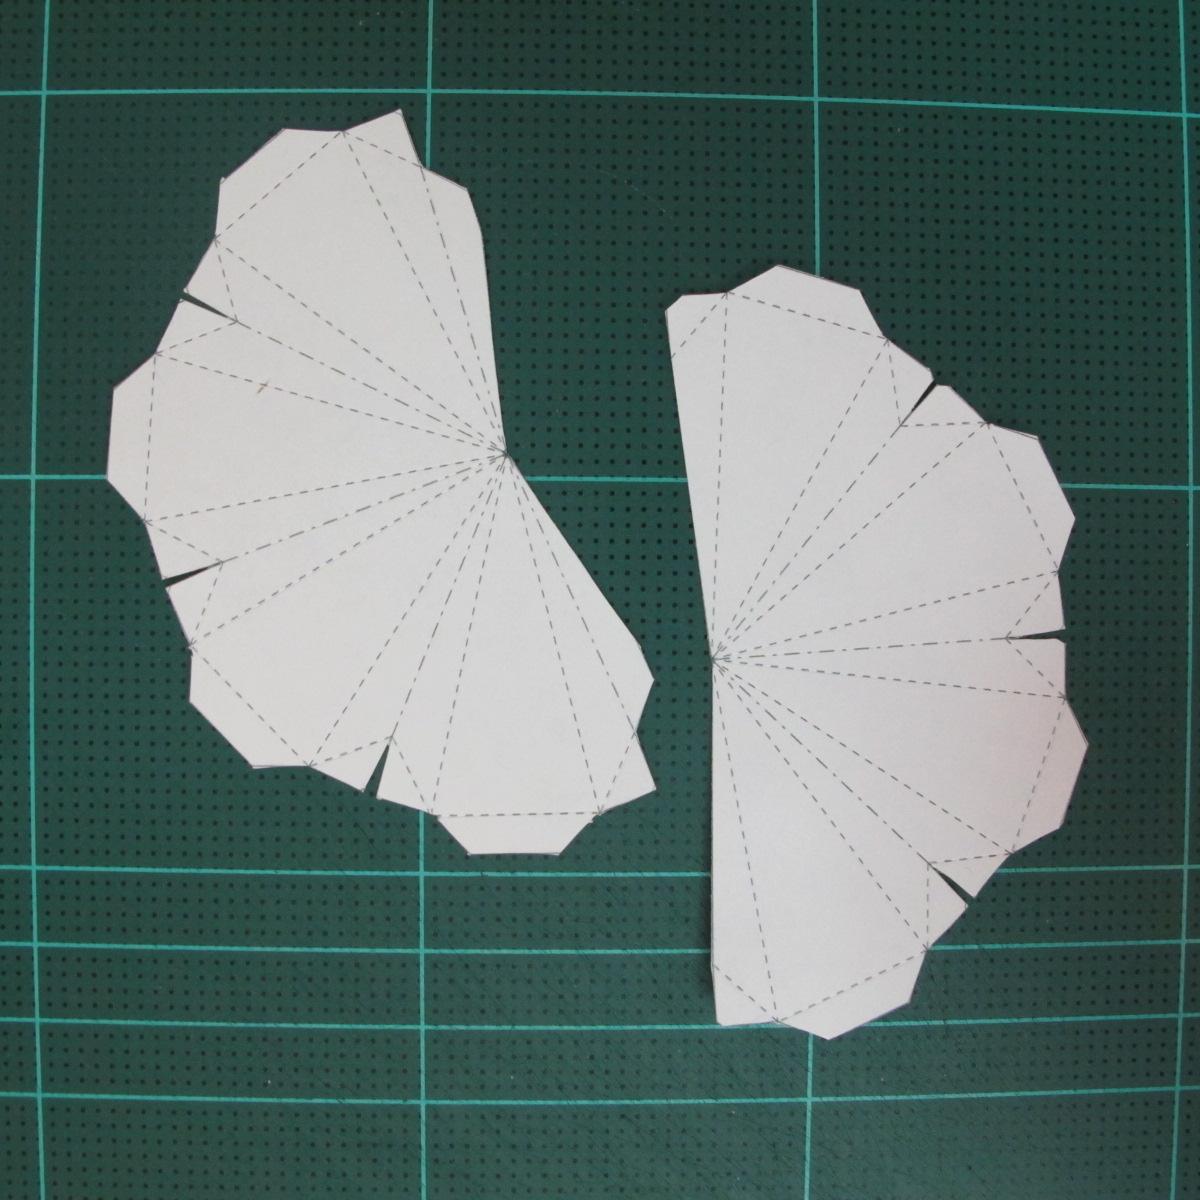 วิธีทำโมเดลกระดาษสำหรับตกแต่งทรงเรขาคณิต (Decor Geometry Papercraft Model) 002